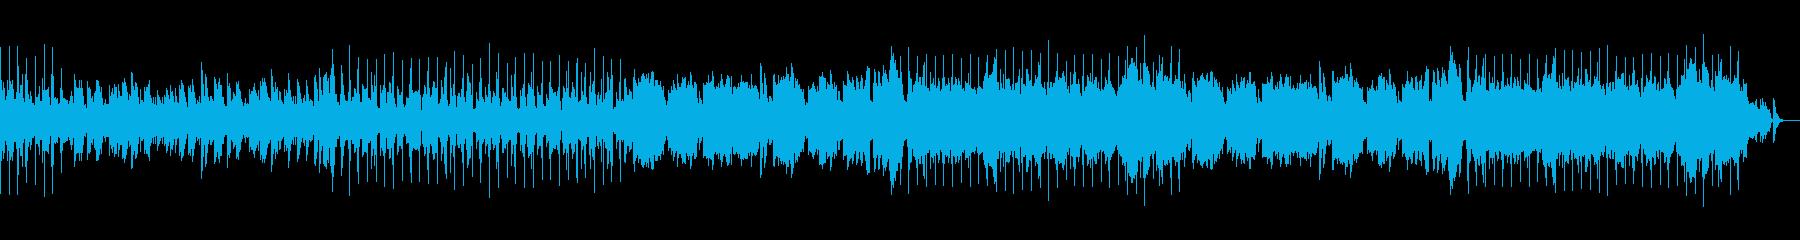 ウキウキとする明るくメロディアスピアノ曲の再生済みの波形